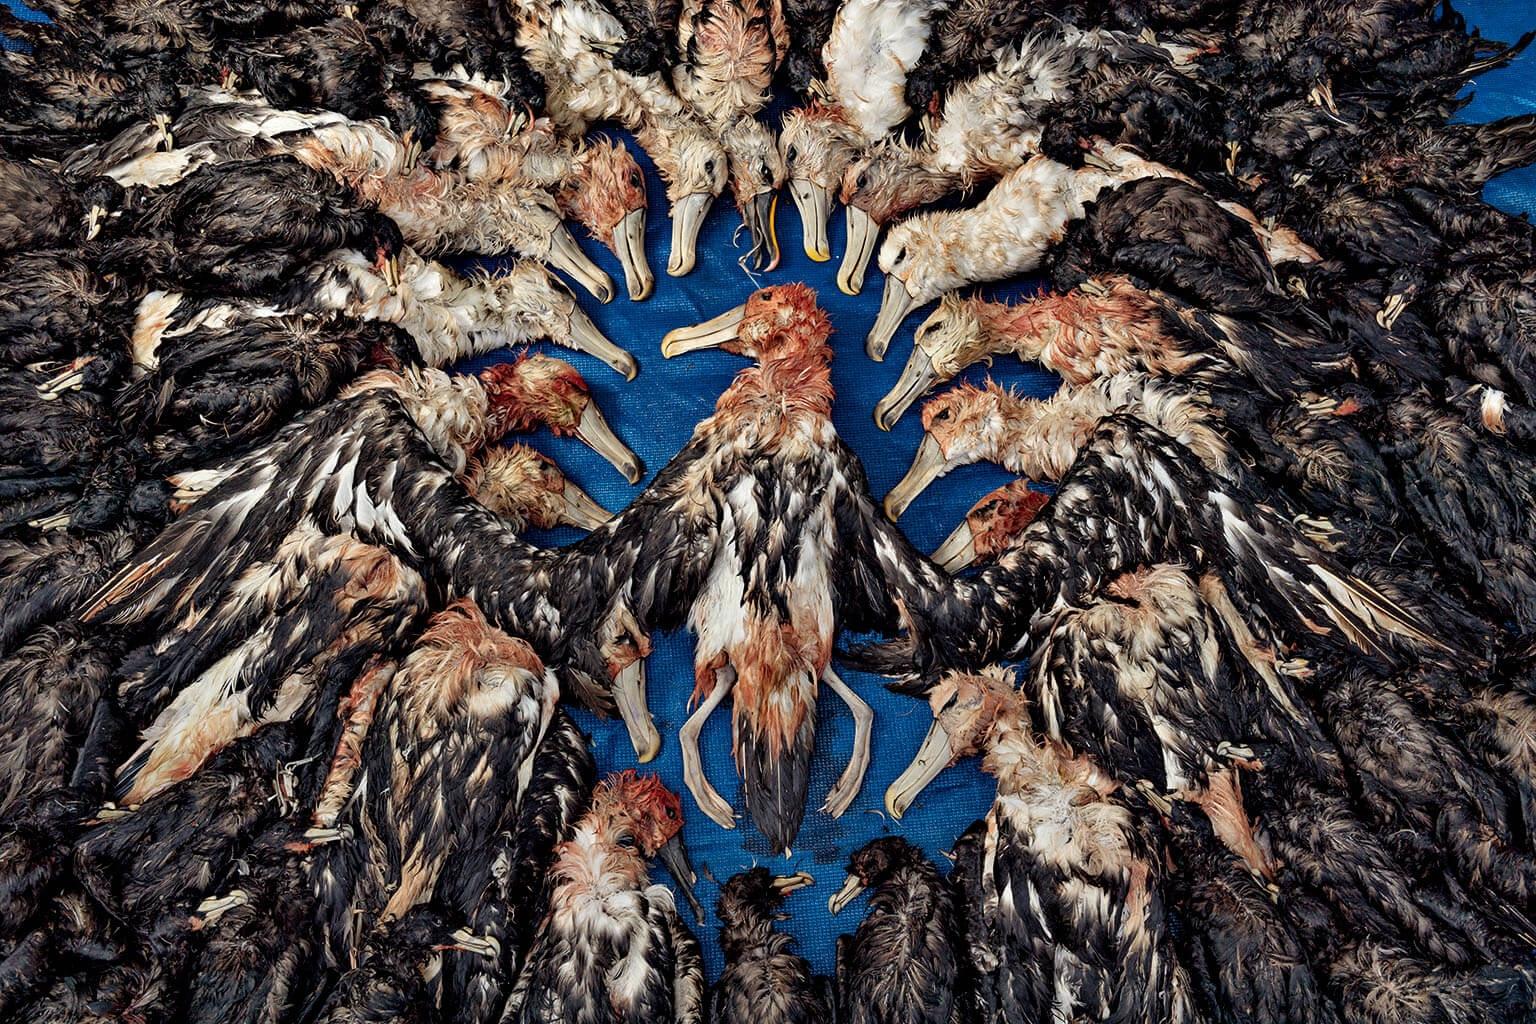 漁船為海鳥提供豐富的食物,但也是這些信天翁和白頦風鸌(外圍的黑色鳥類)的致命陷阱,這些鳥兒是2017年在南非外海被鮪延繩釣繩勾到的。在永續漁業措施下,如今每年在南非外海被誤捕的鳥類只有數百隻。然而以全球而言,光是死於延繩釣繩的海鳥就超過30萬隻。